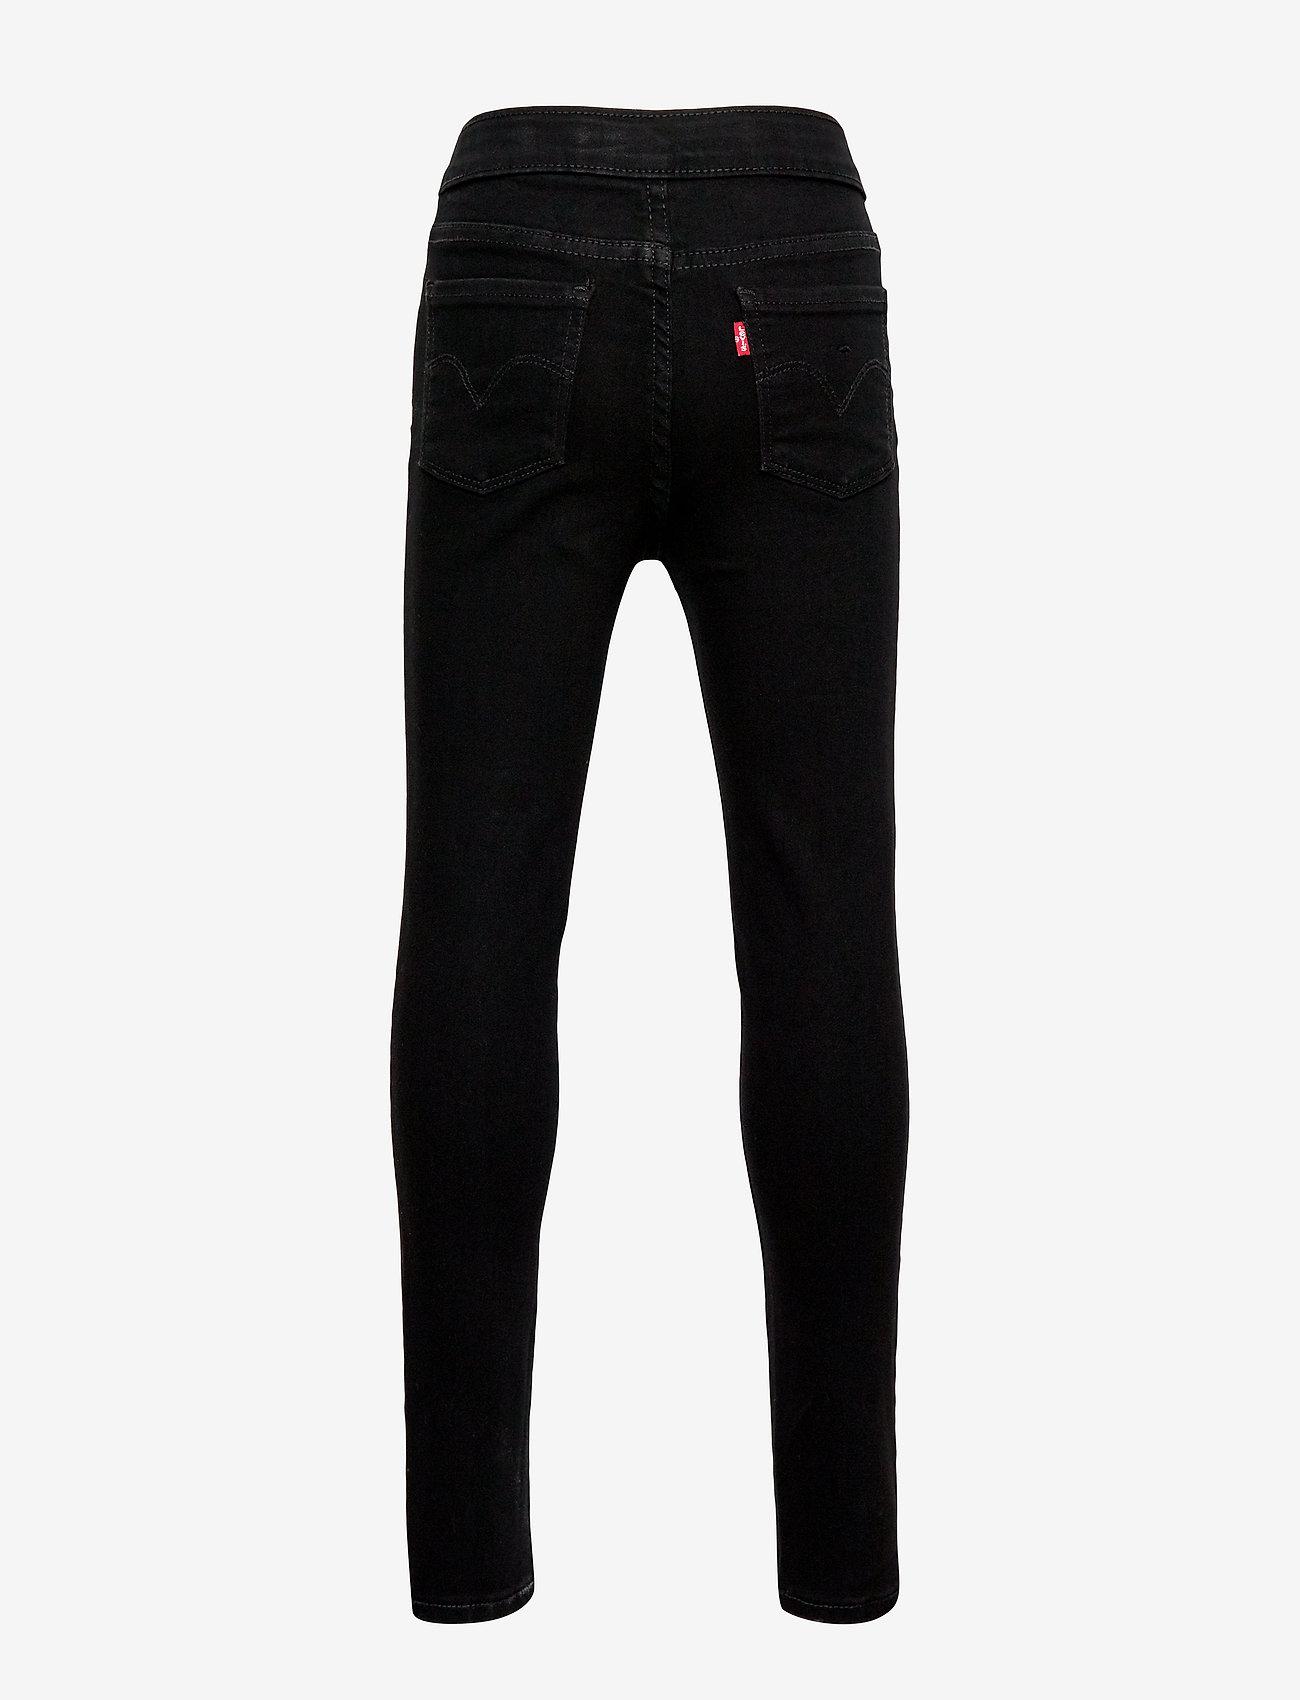 Levi's - Pull-On Legging - jeans - noir - 1